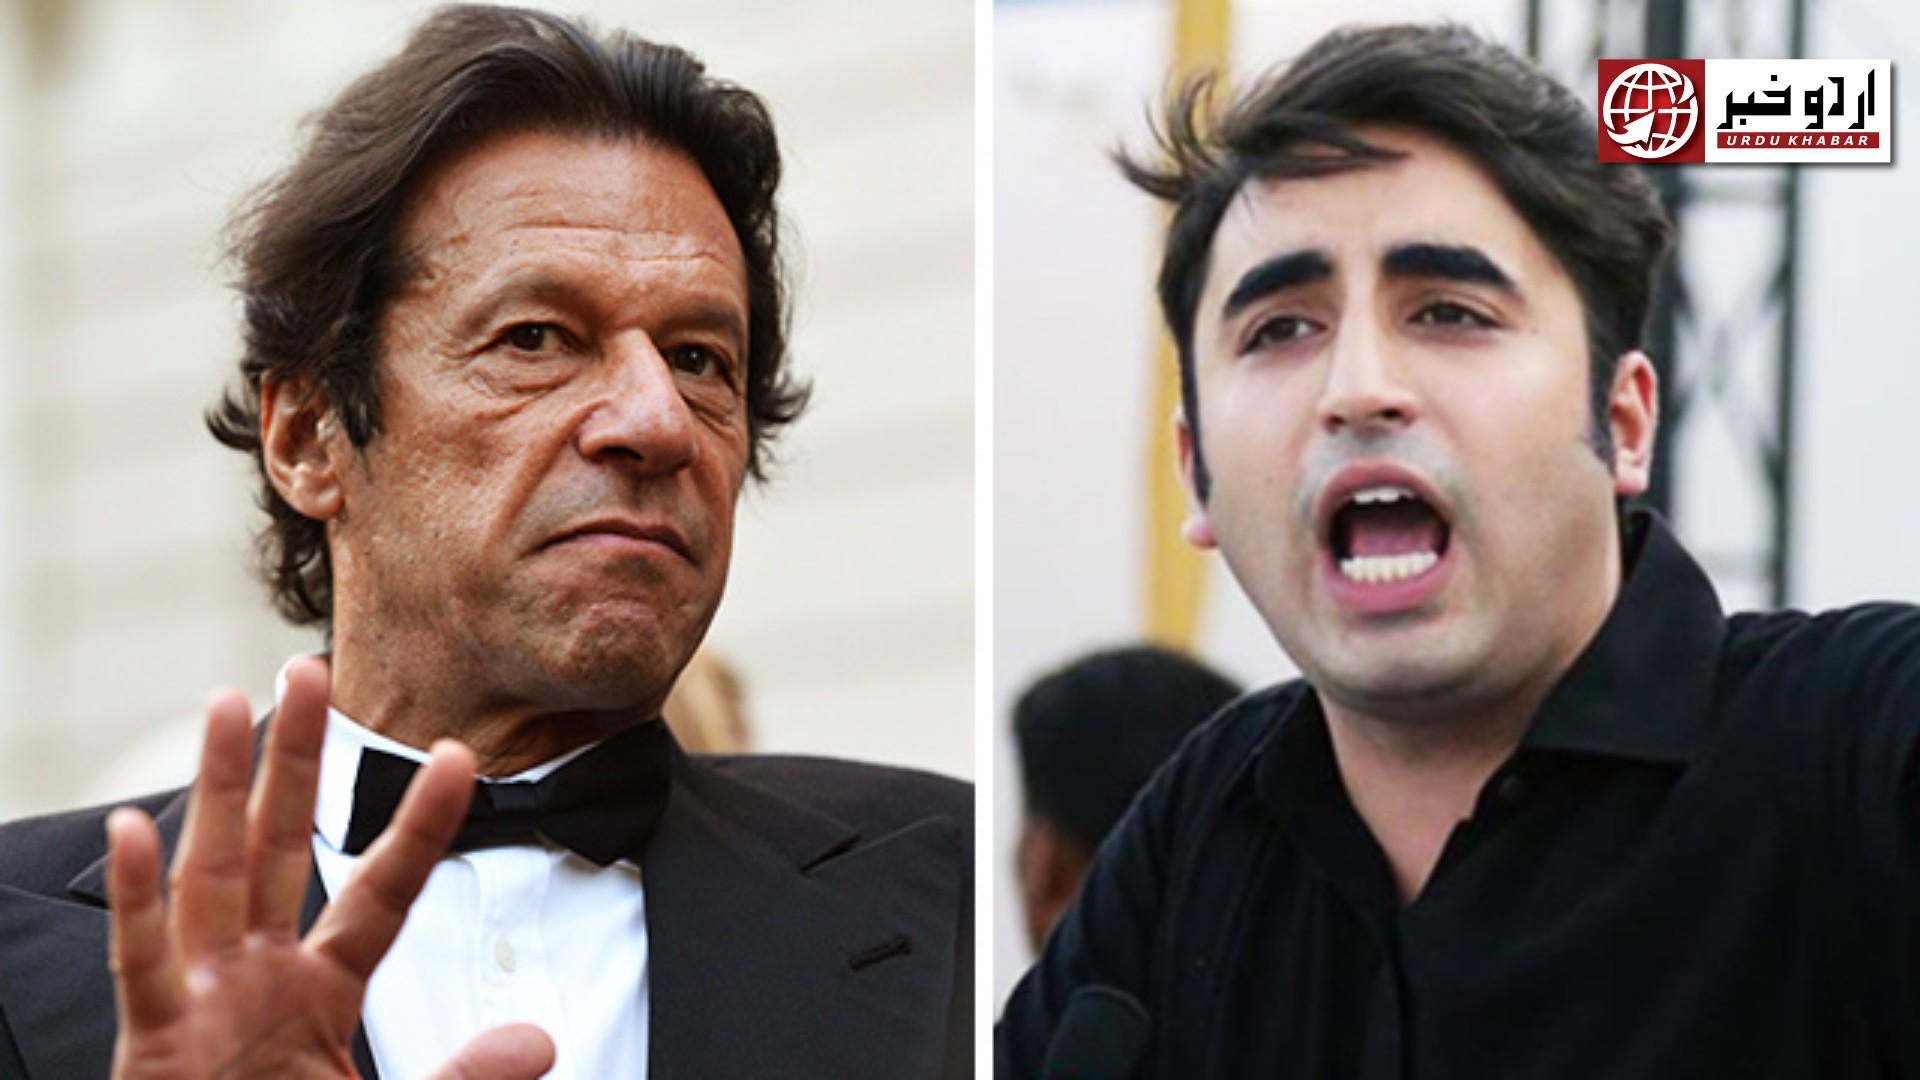 عمران خان پاکستان کی زندگی کے لئے خطرہ ہے، بلاول بھٹو